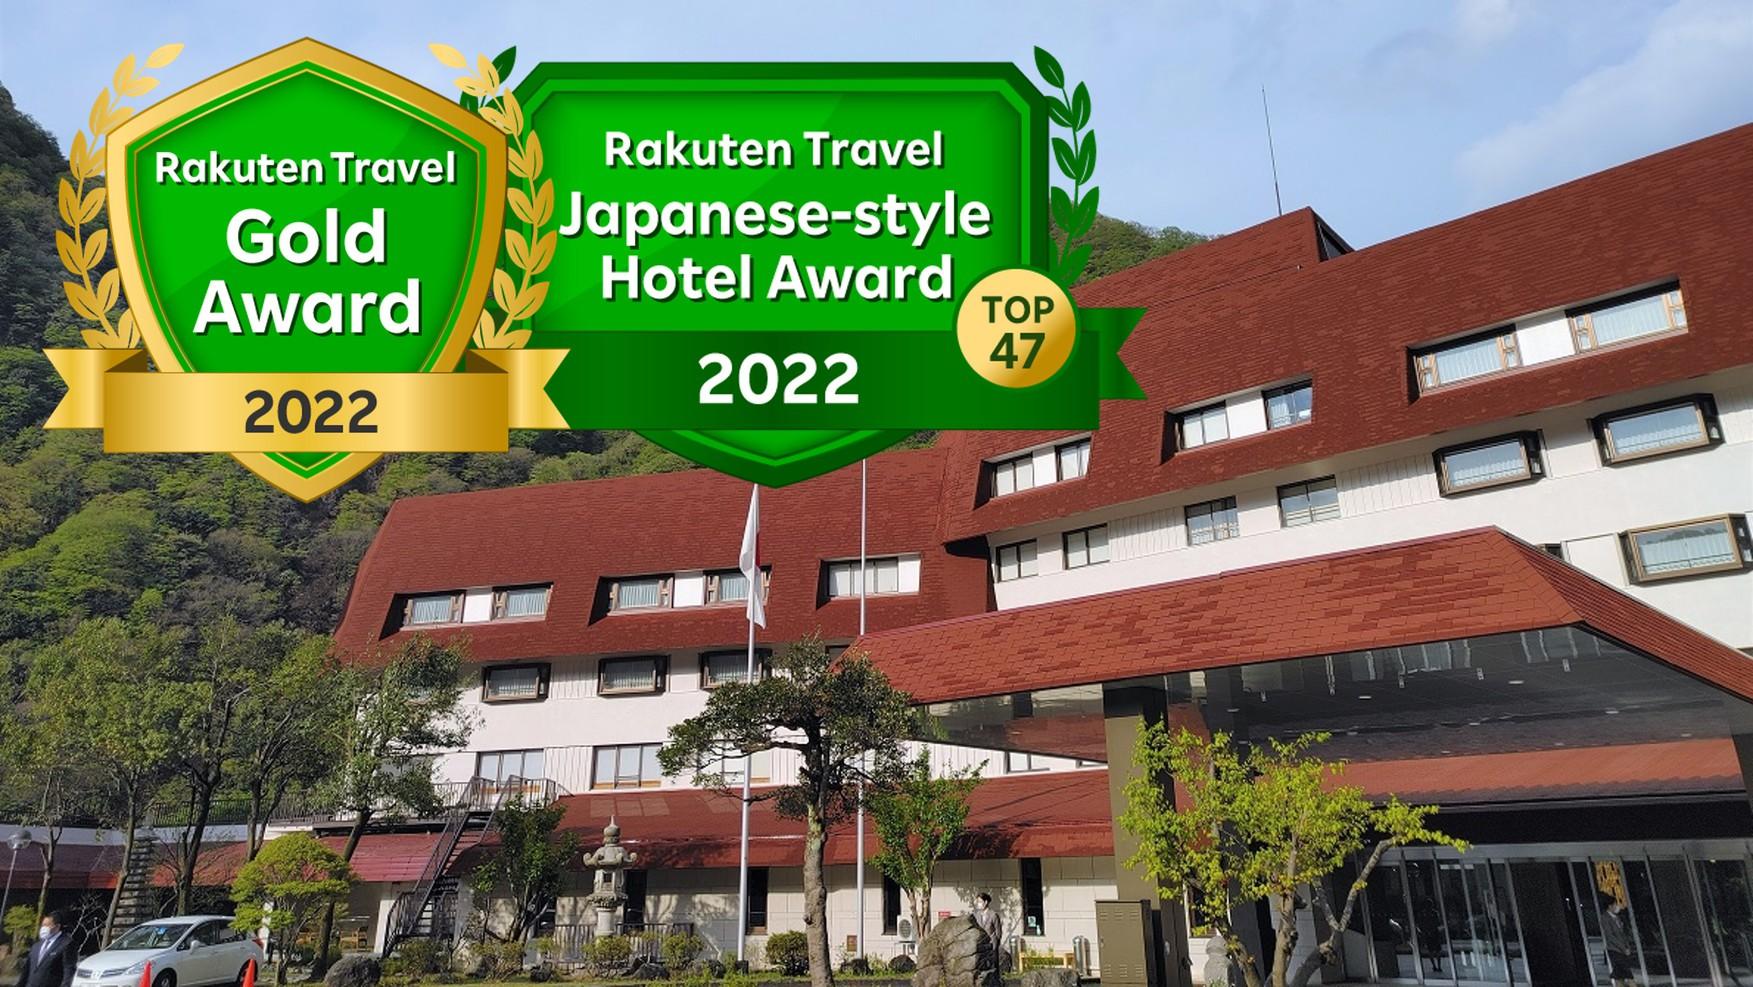 プール目的で富山へ。夕食付プランのある宇奈月温泉の宿はありませんか?